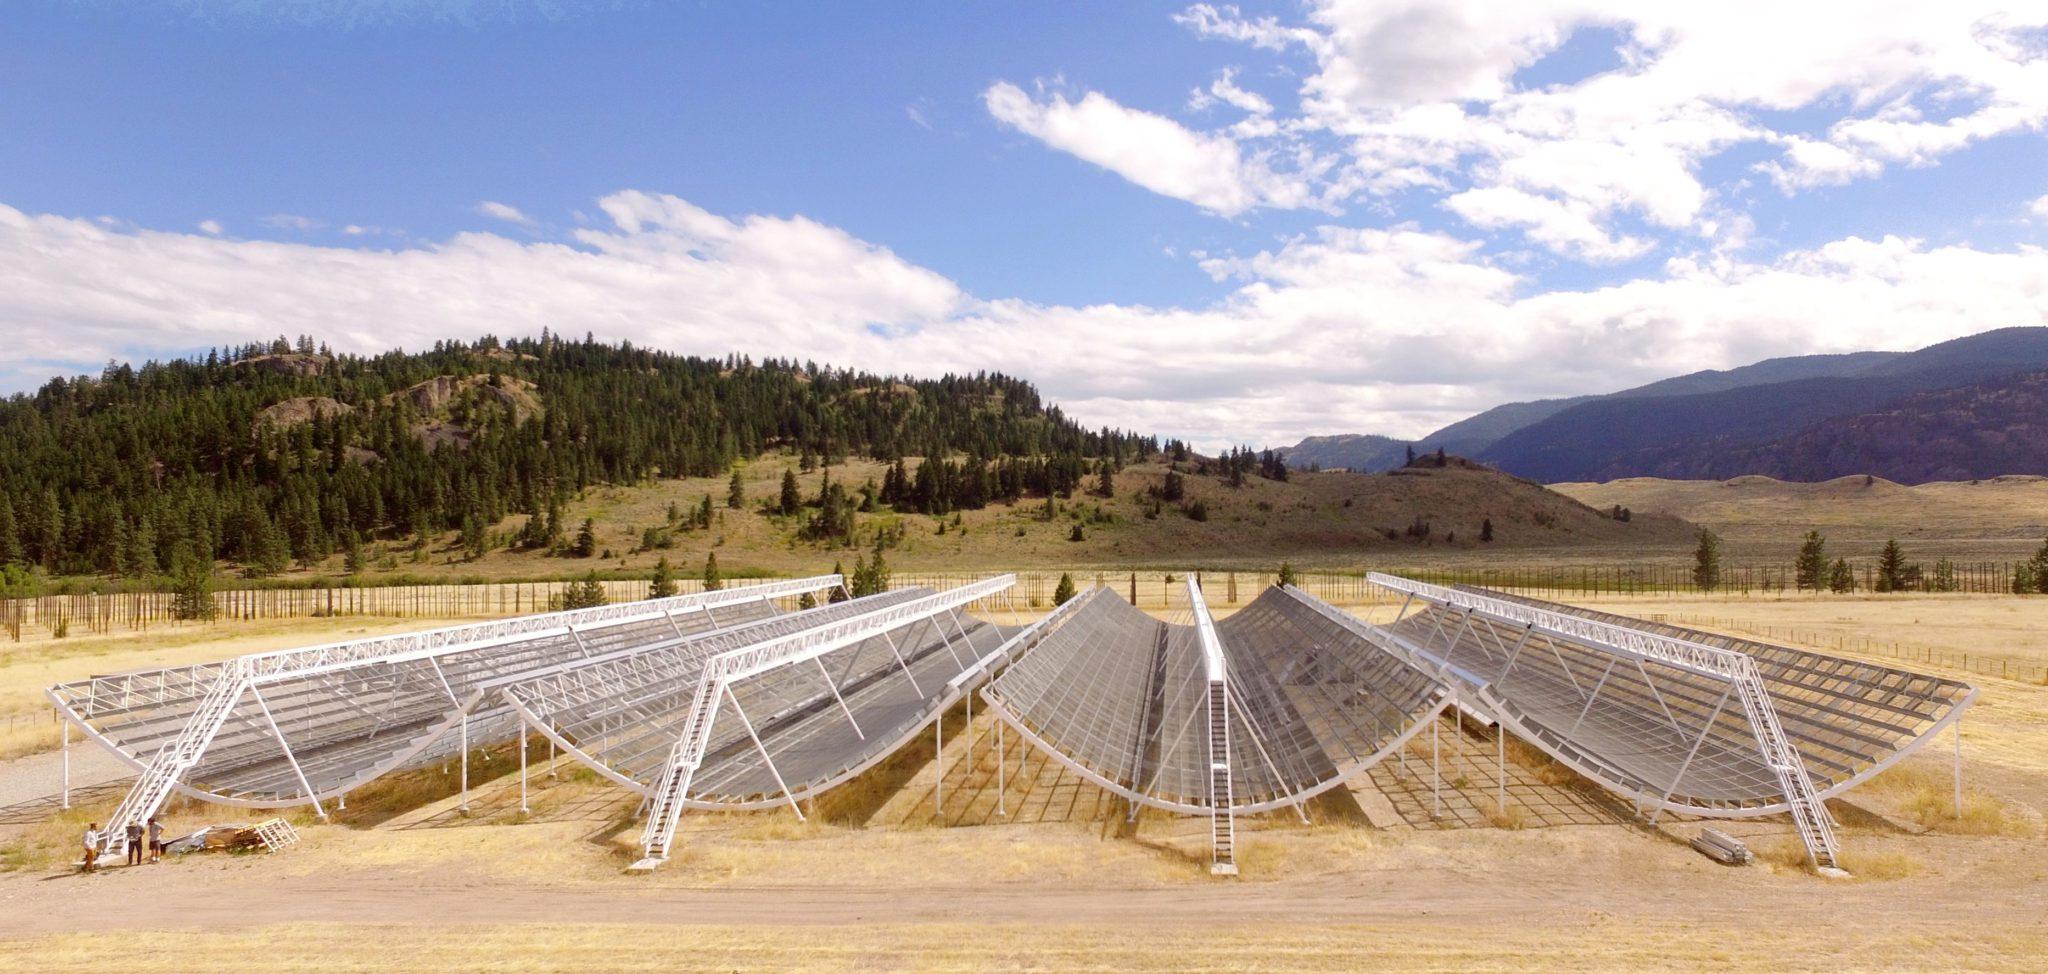 Канадская обсерватория CHIME. Фото CHIME/swns.com/Scanpix